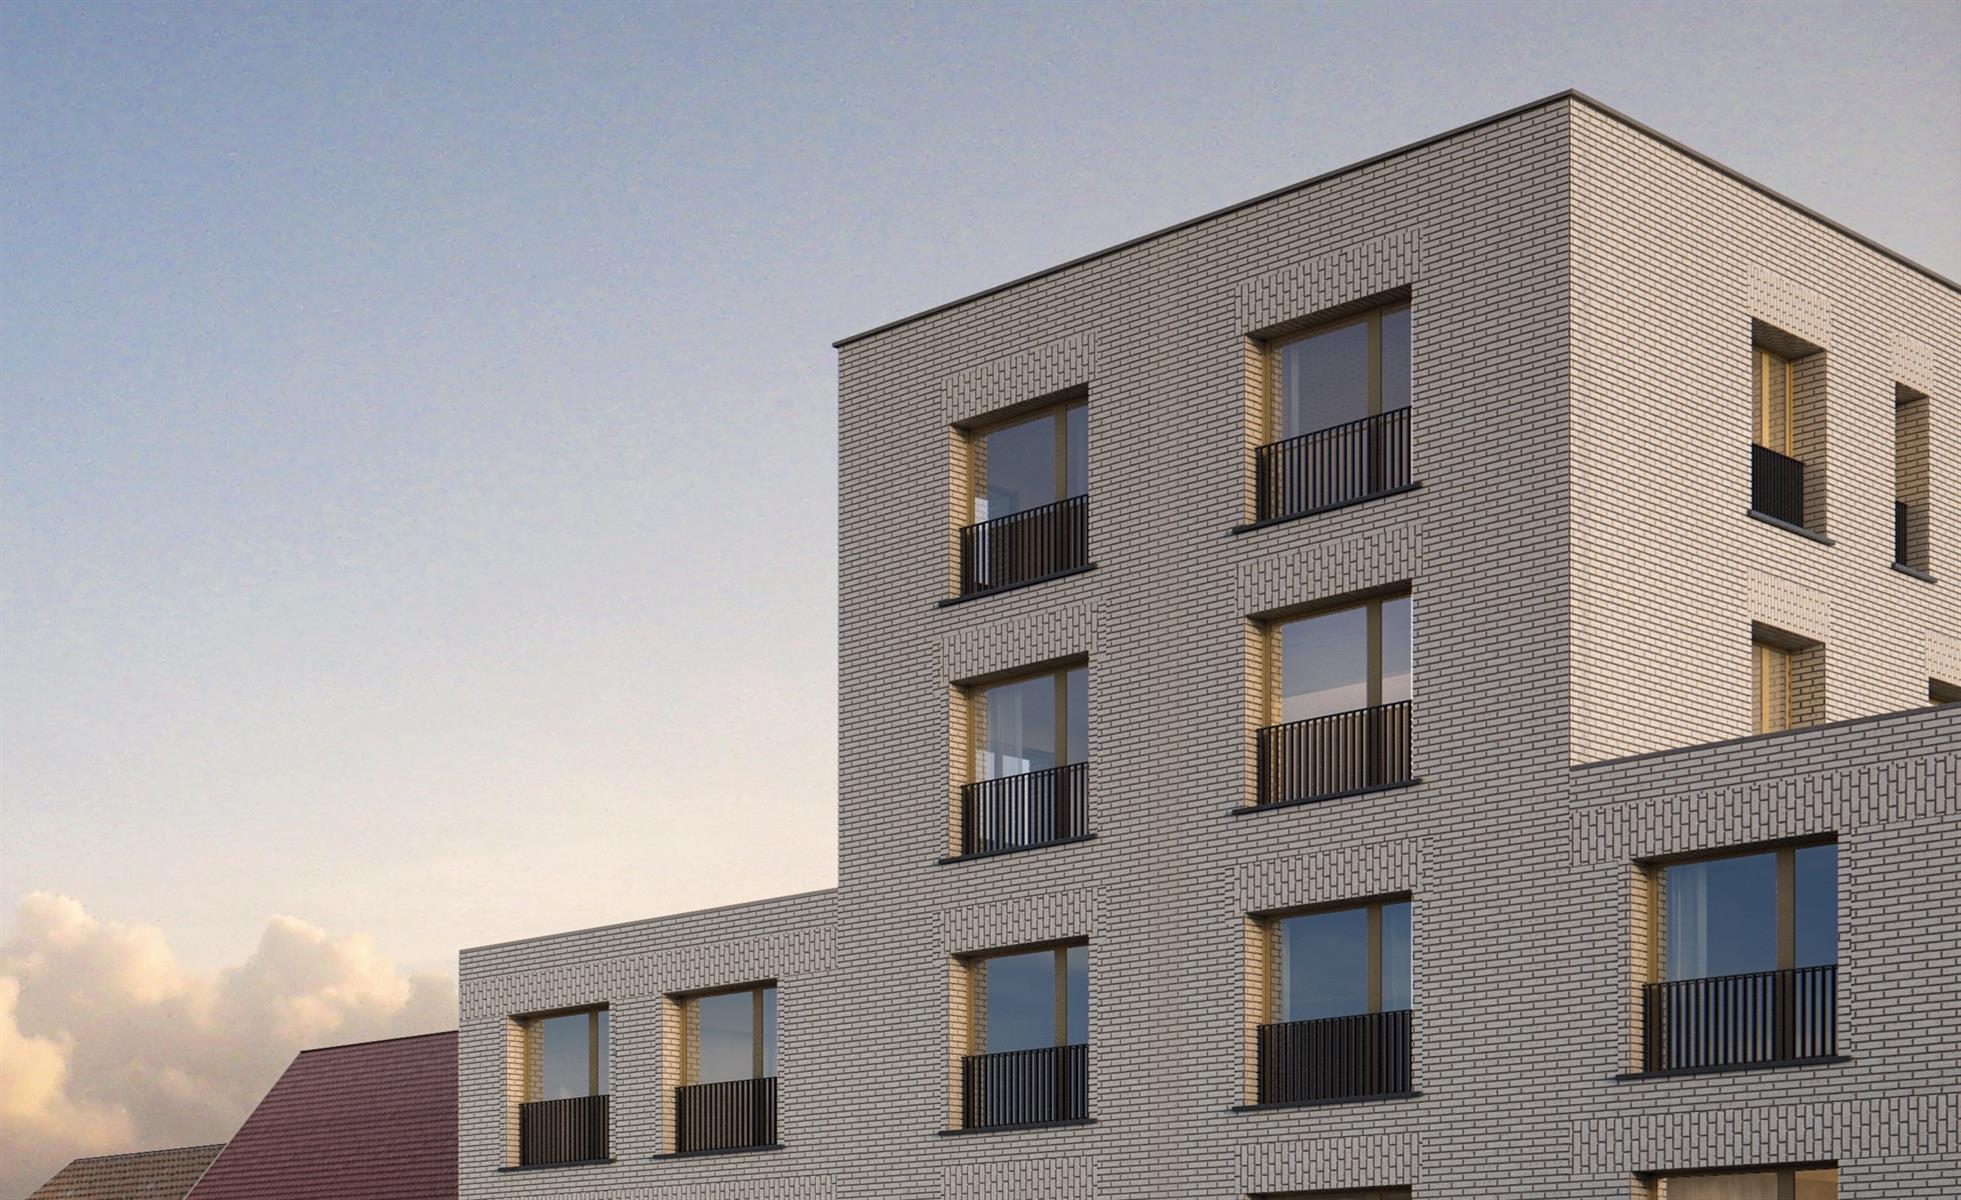 Appartement Te koop Deinze AP 5.1 - Pakhuis - Penthouse